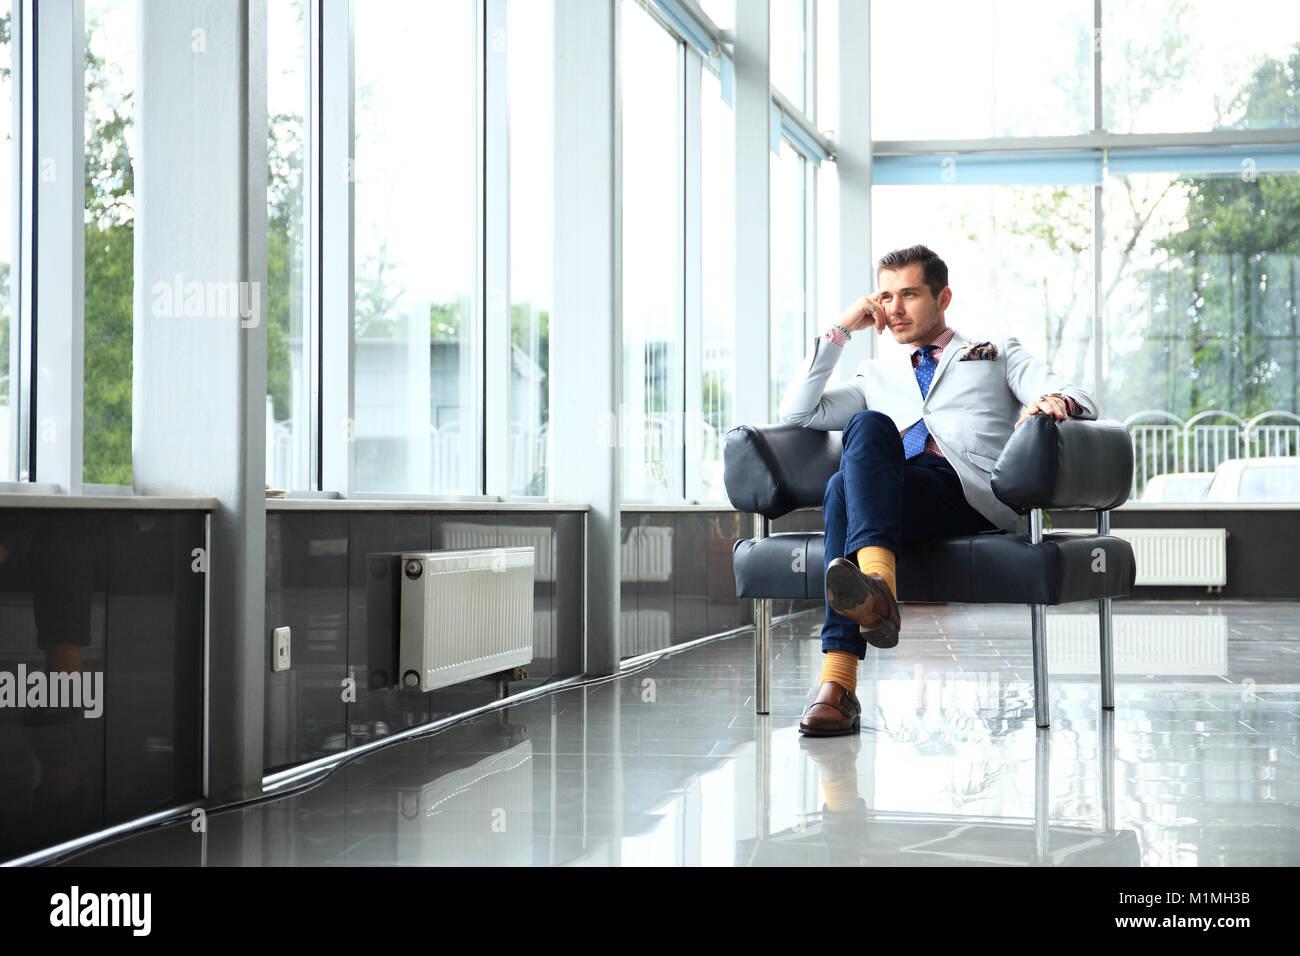 Un ángulo bajo la foto de un apuesto joven empresario en un moderno espacio de oficina con grandes ventanales. Foto de stock